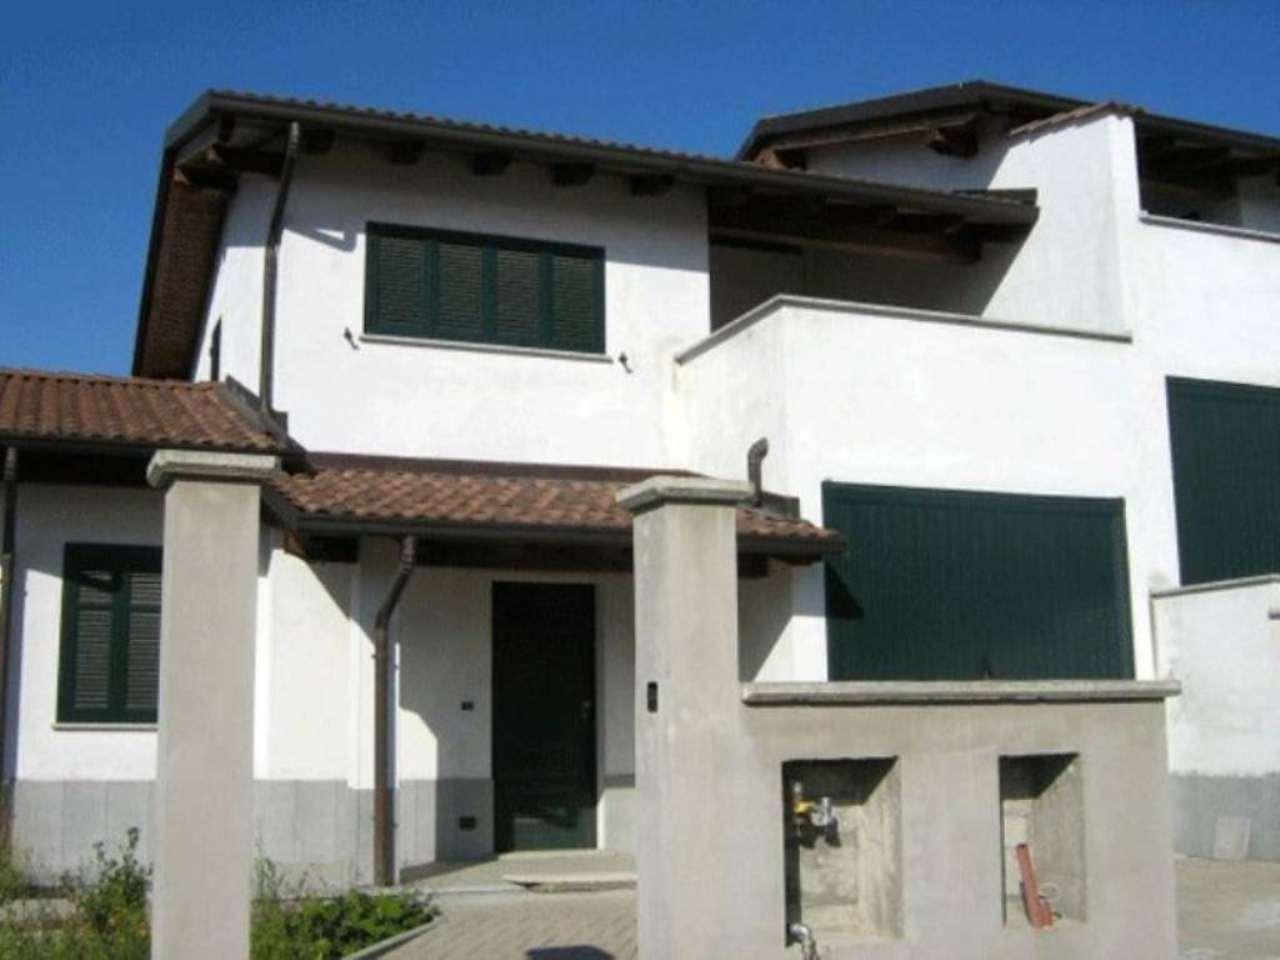 Soluzione Indipendente in vendita a Tassarolo, 6 locali, prezzo € 210.000 | Cambio Casa.it